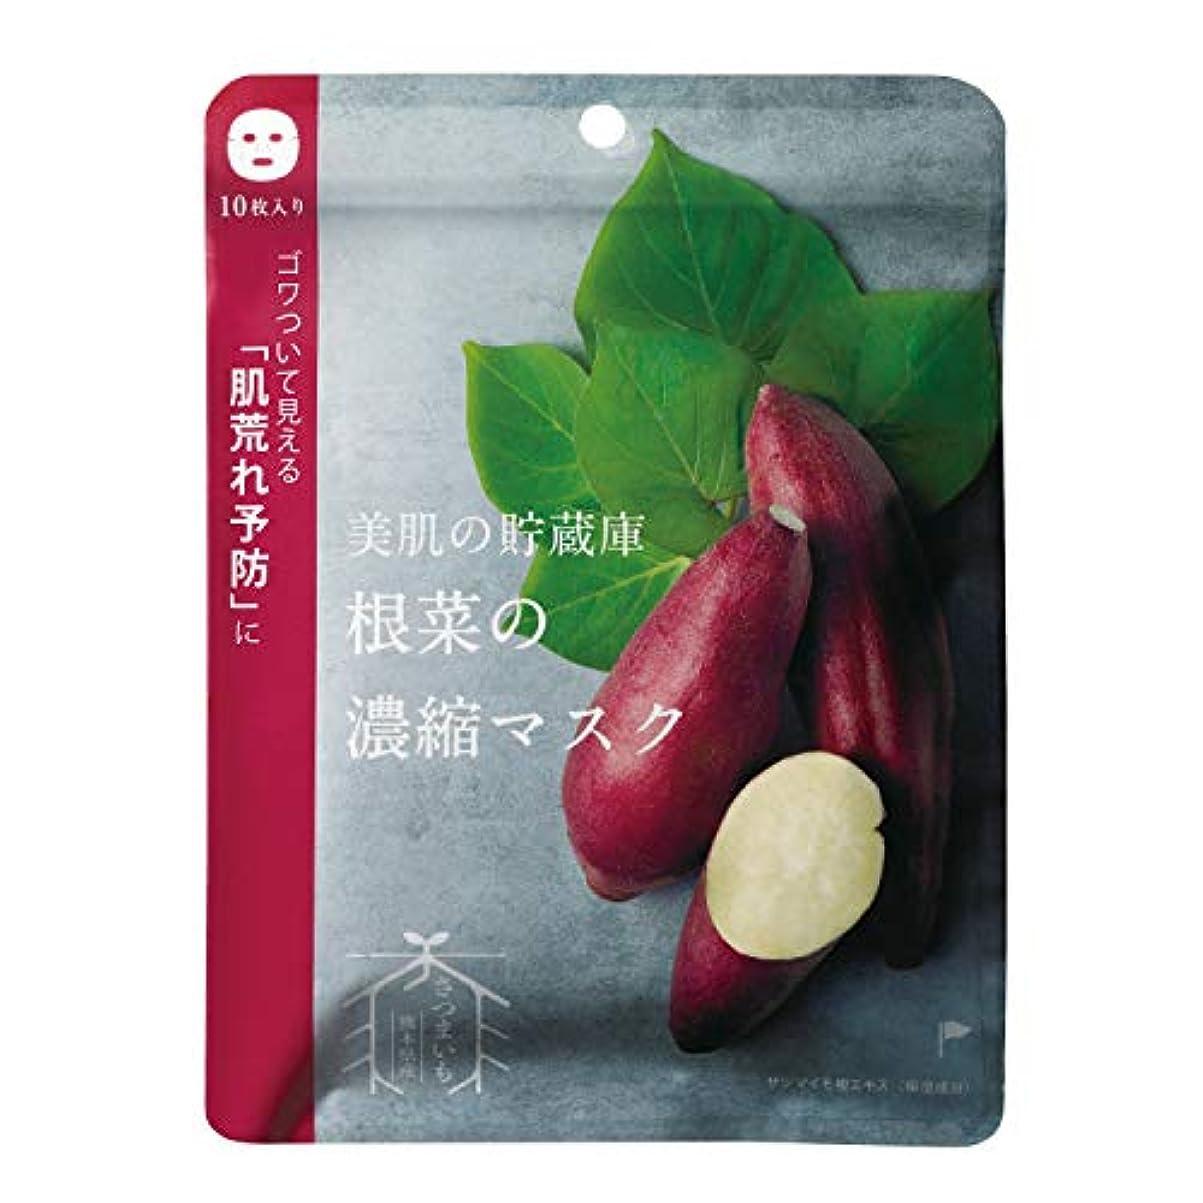 ご近所名誉文言@cosme nippon 美肌の貯蔵庫 根菜の濃縮マスク 安納いも 10枚 160ml